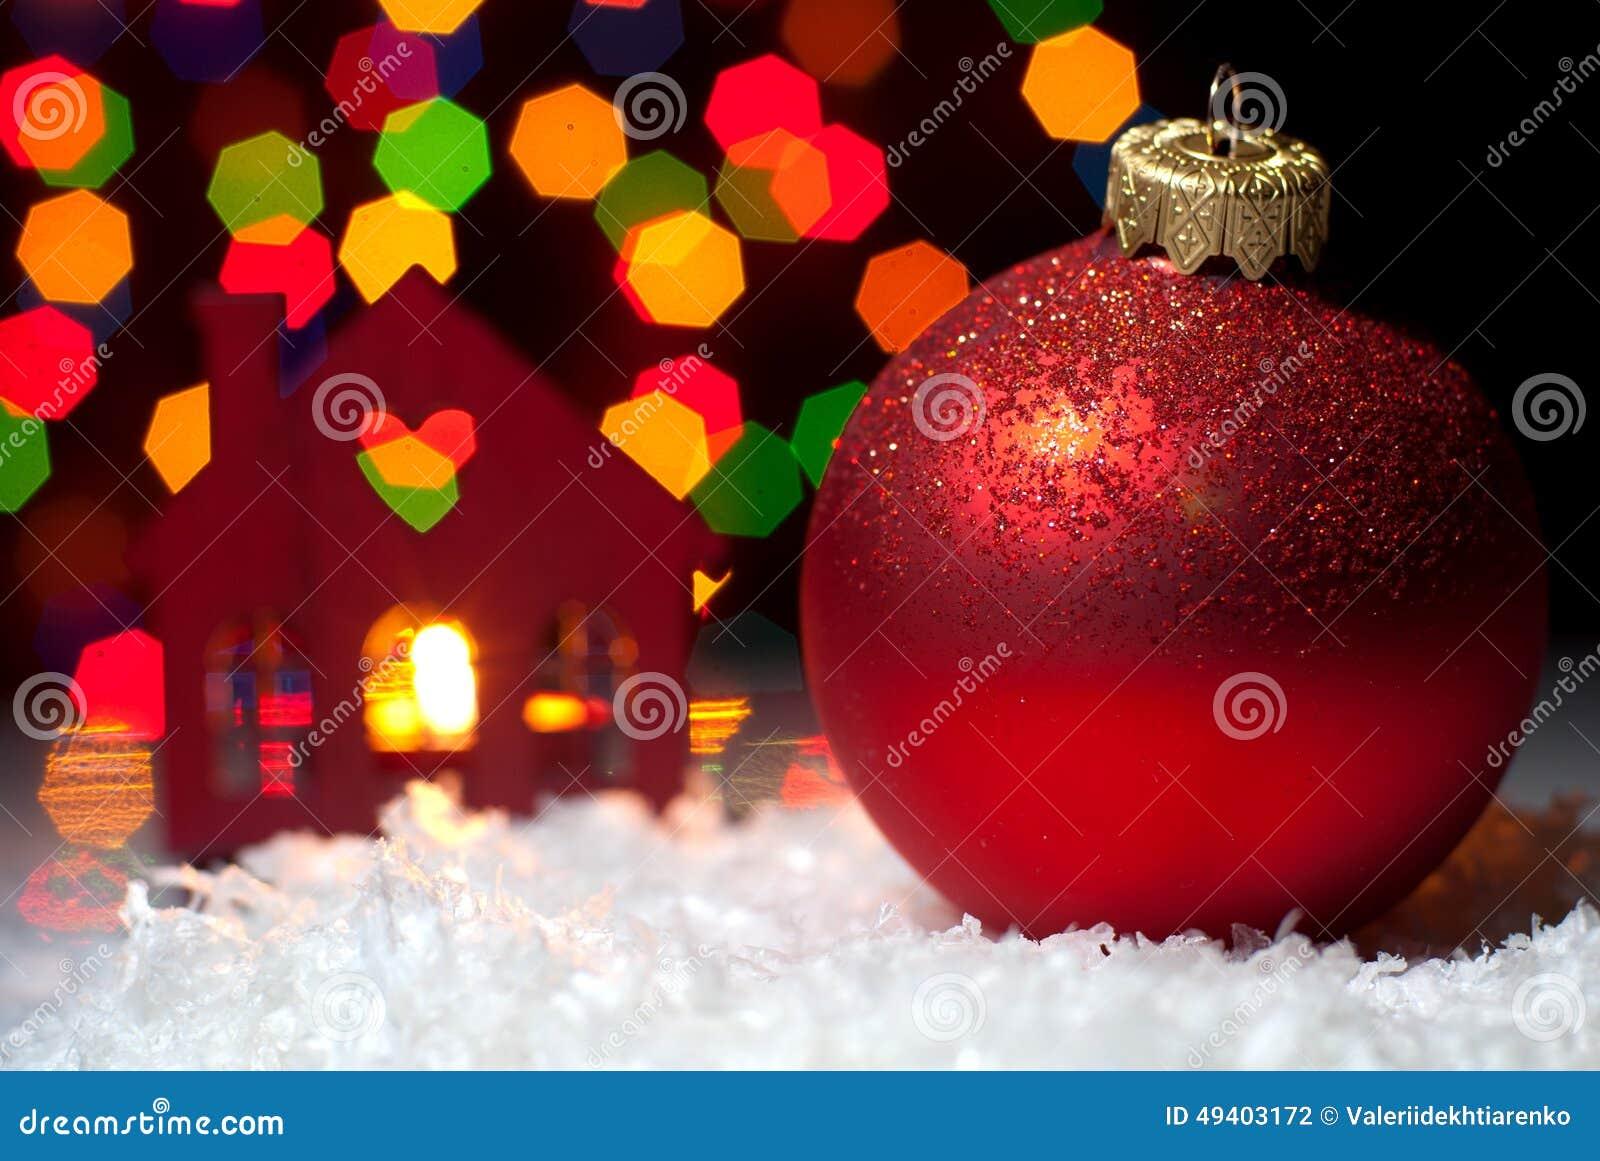 Download Weihnachten Spielt Im Schnee Mit Einem Weihnachtsbaum Mit Girlanden O Stockfoto - Bild von karte, familie: 49403172